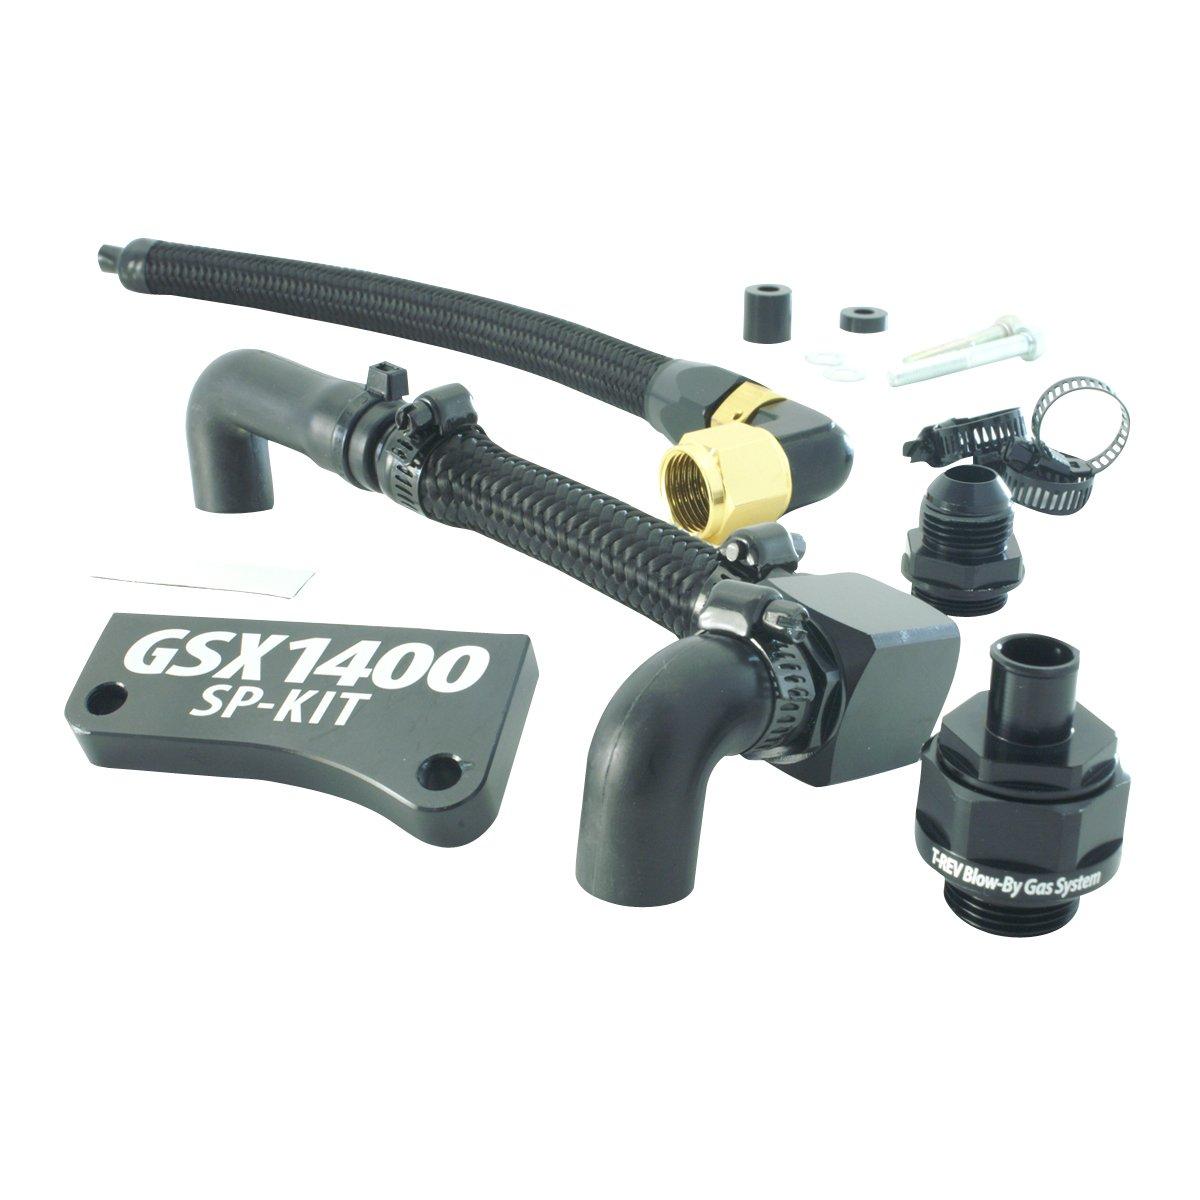 GSX1400専用 SP キット 4411   B01GX2HRAY